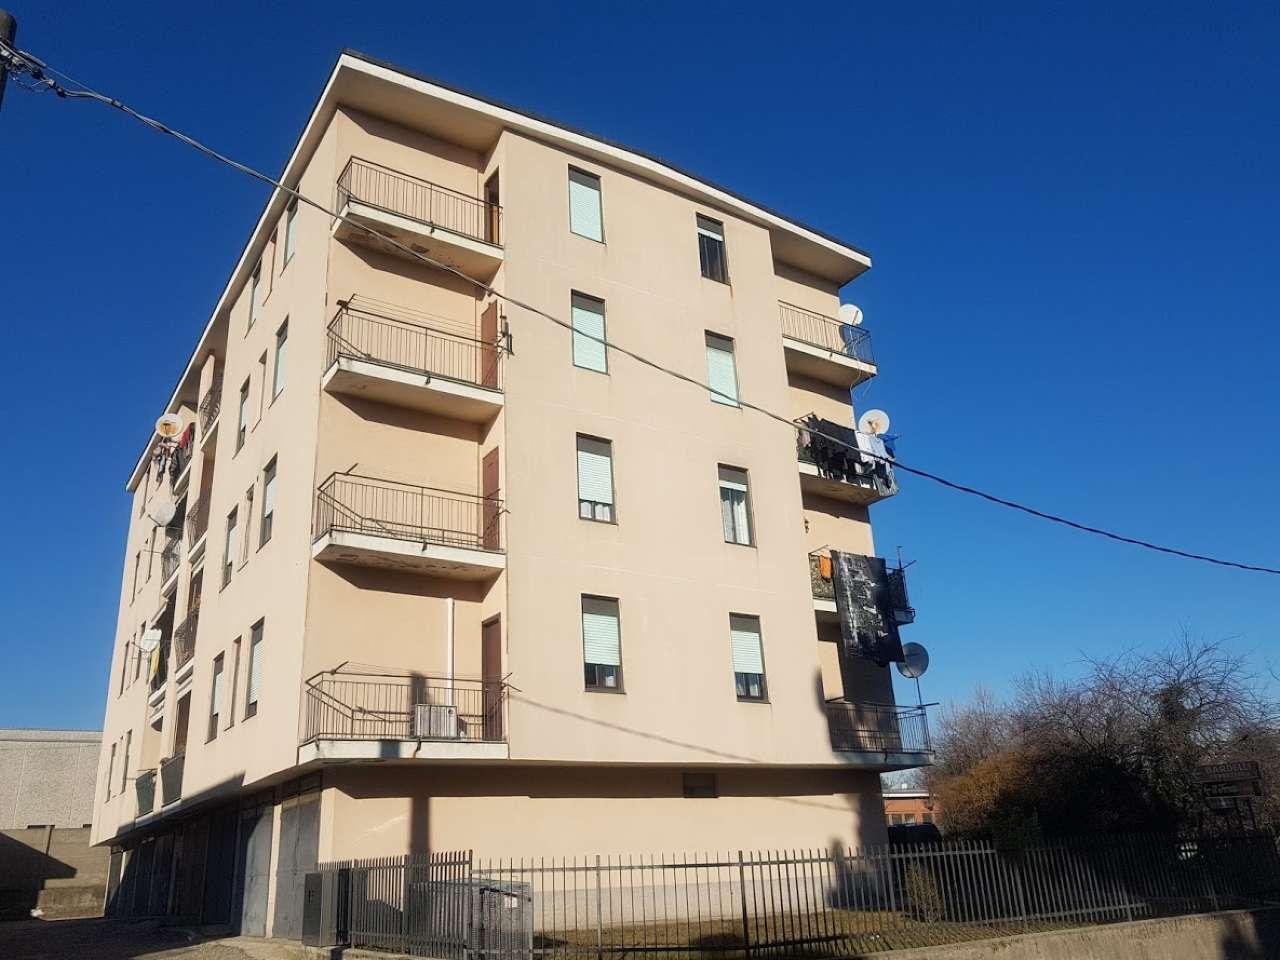 Appartamento in vendita a Solbiate Arno, 3 locali, prezzo € 65.000 | CambioCasa.it